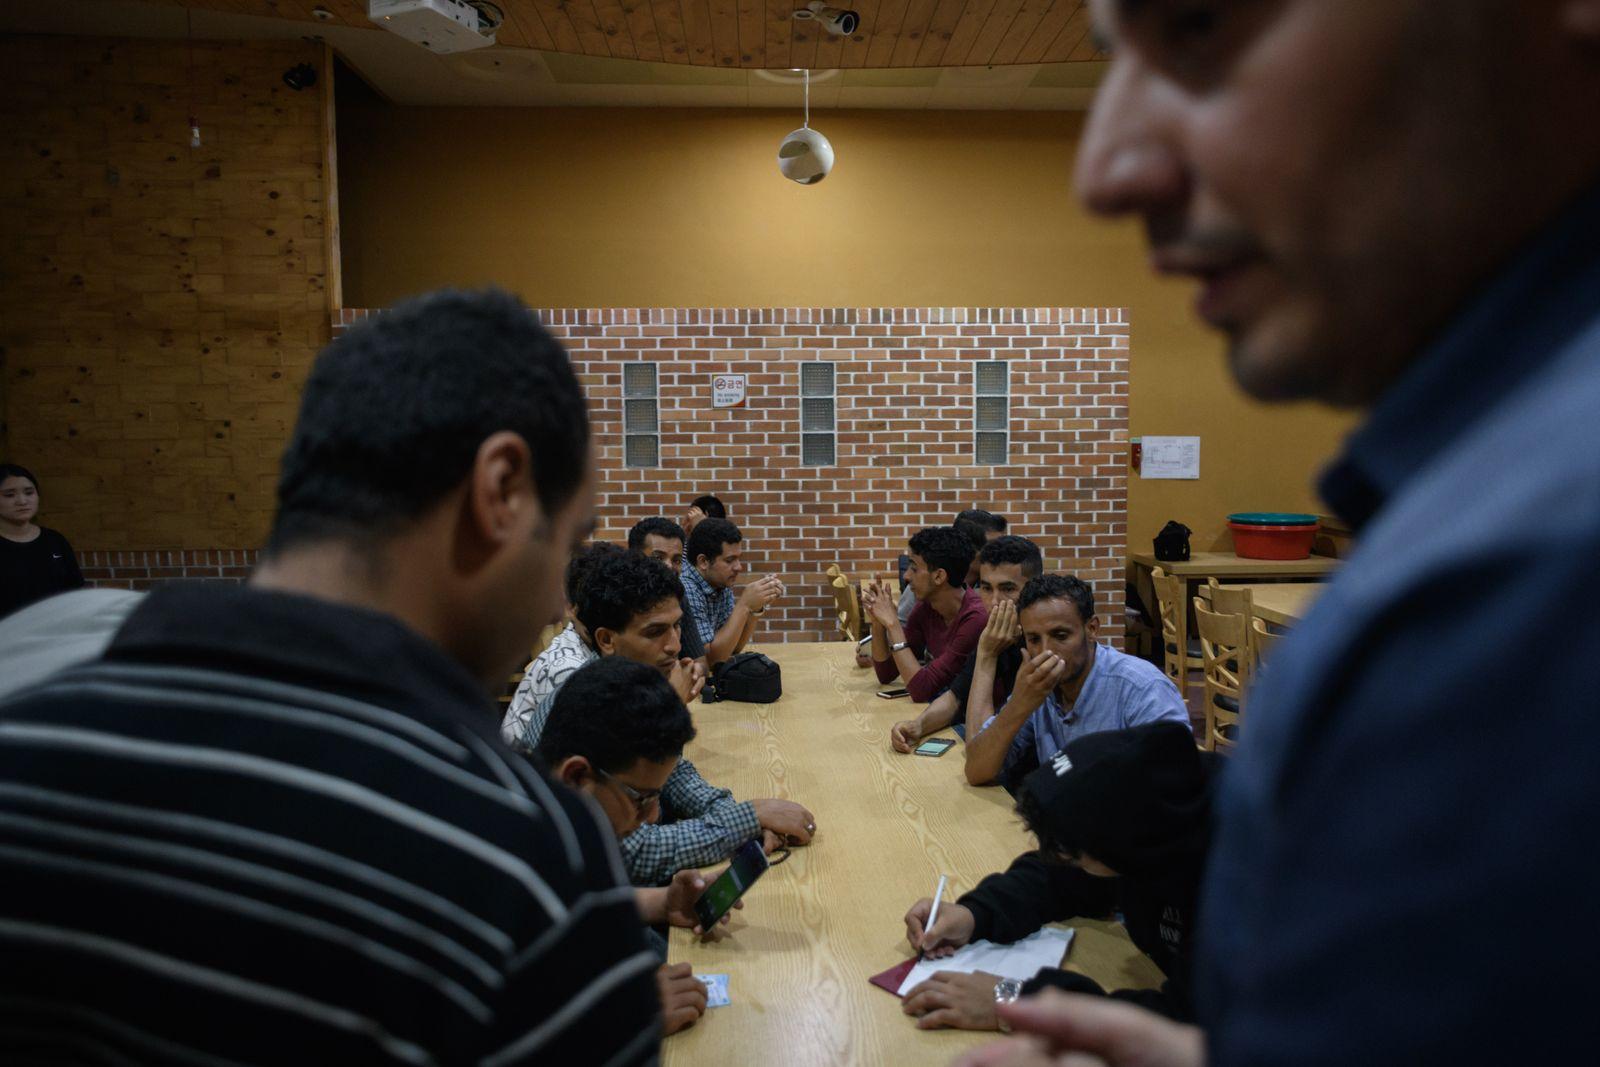 Suedkorea/ Jemen/ Fluechtlinge